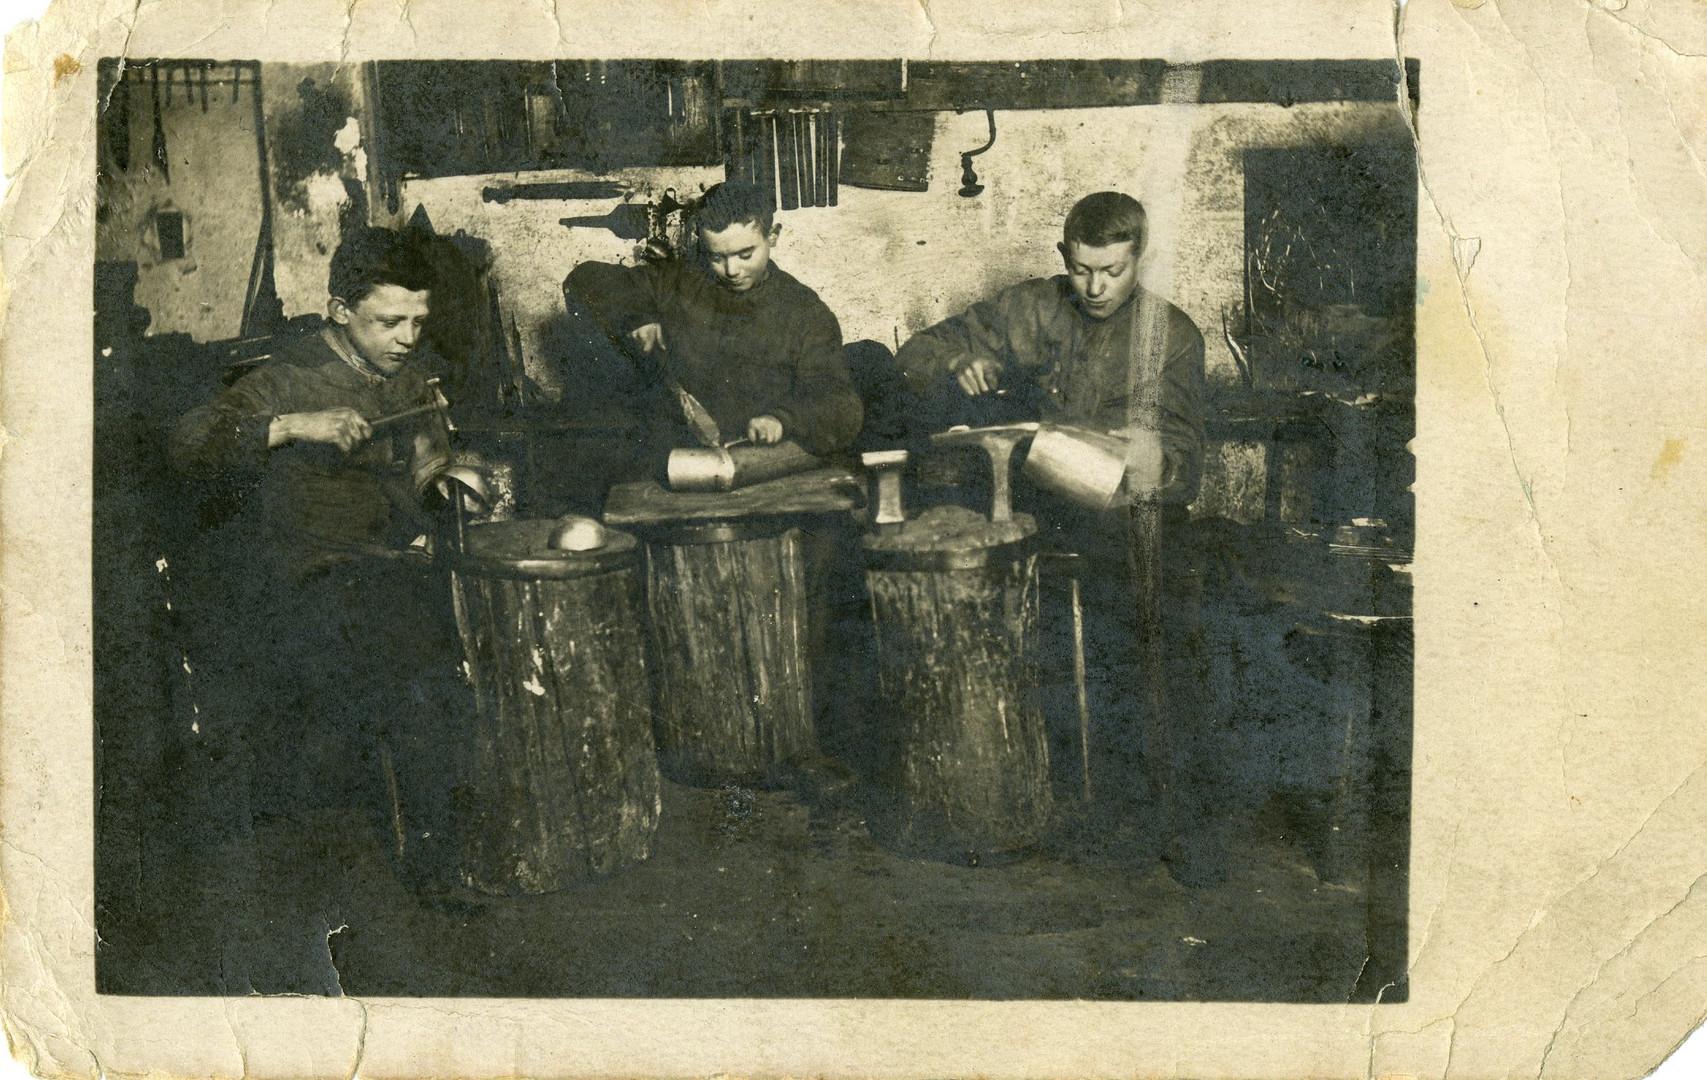 Klempnerlehrlinge ca. 1917